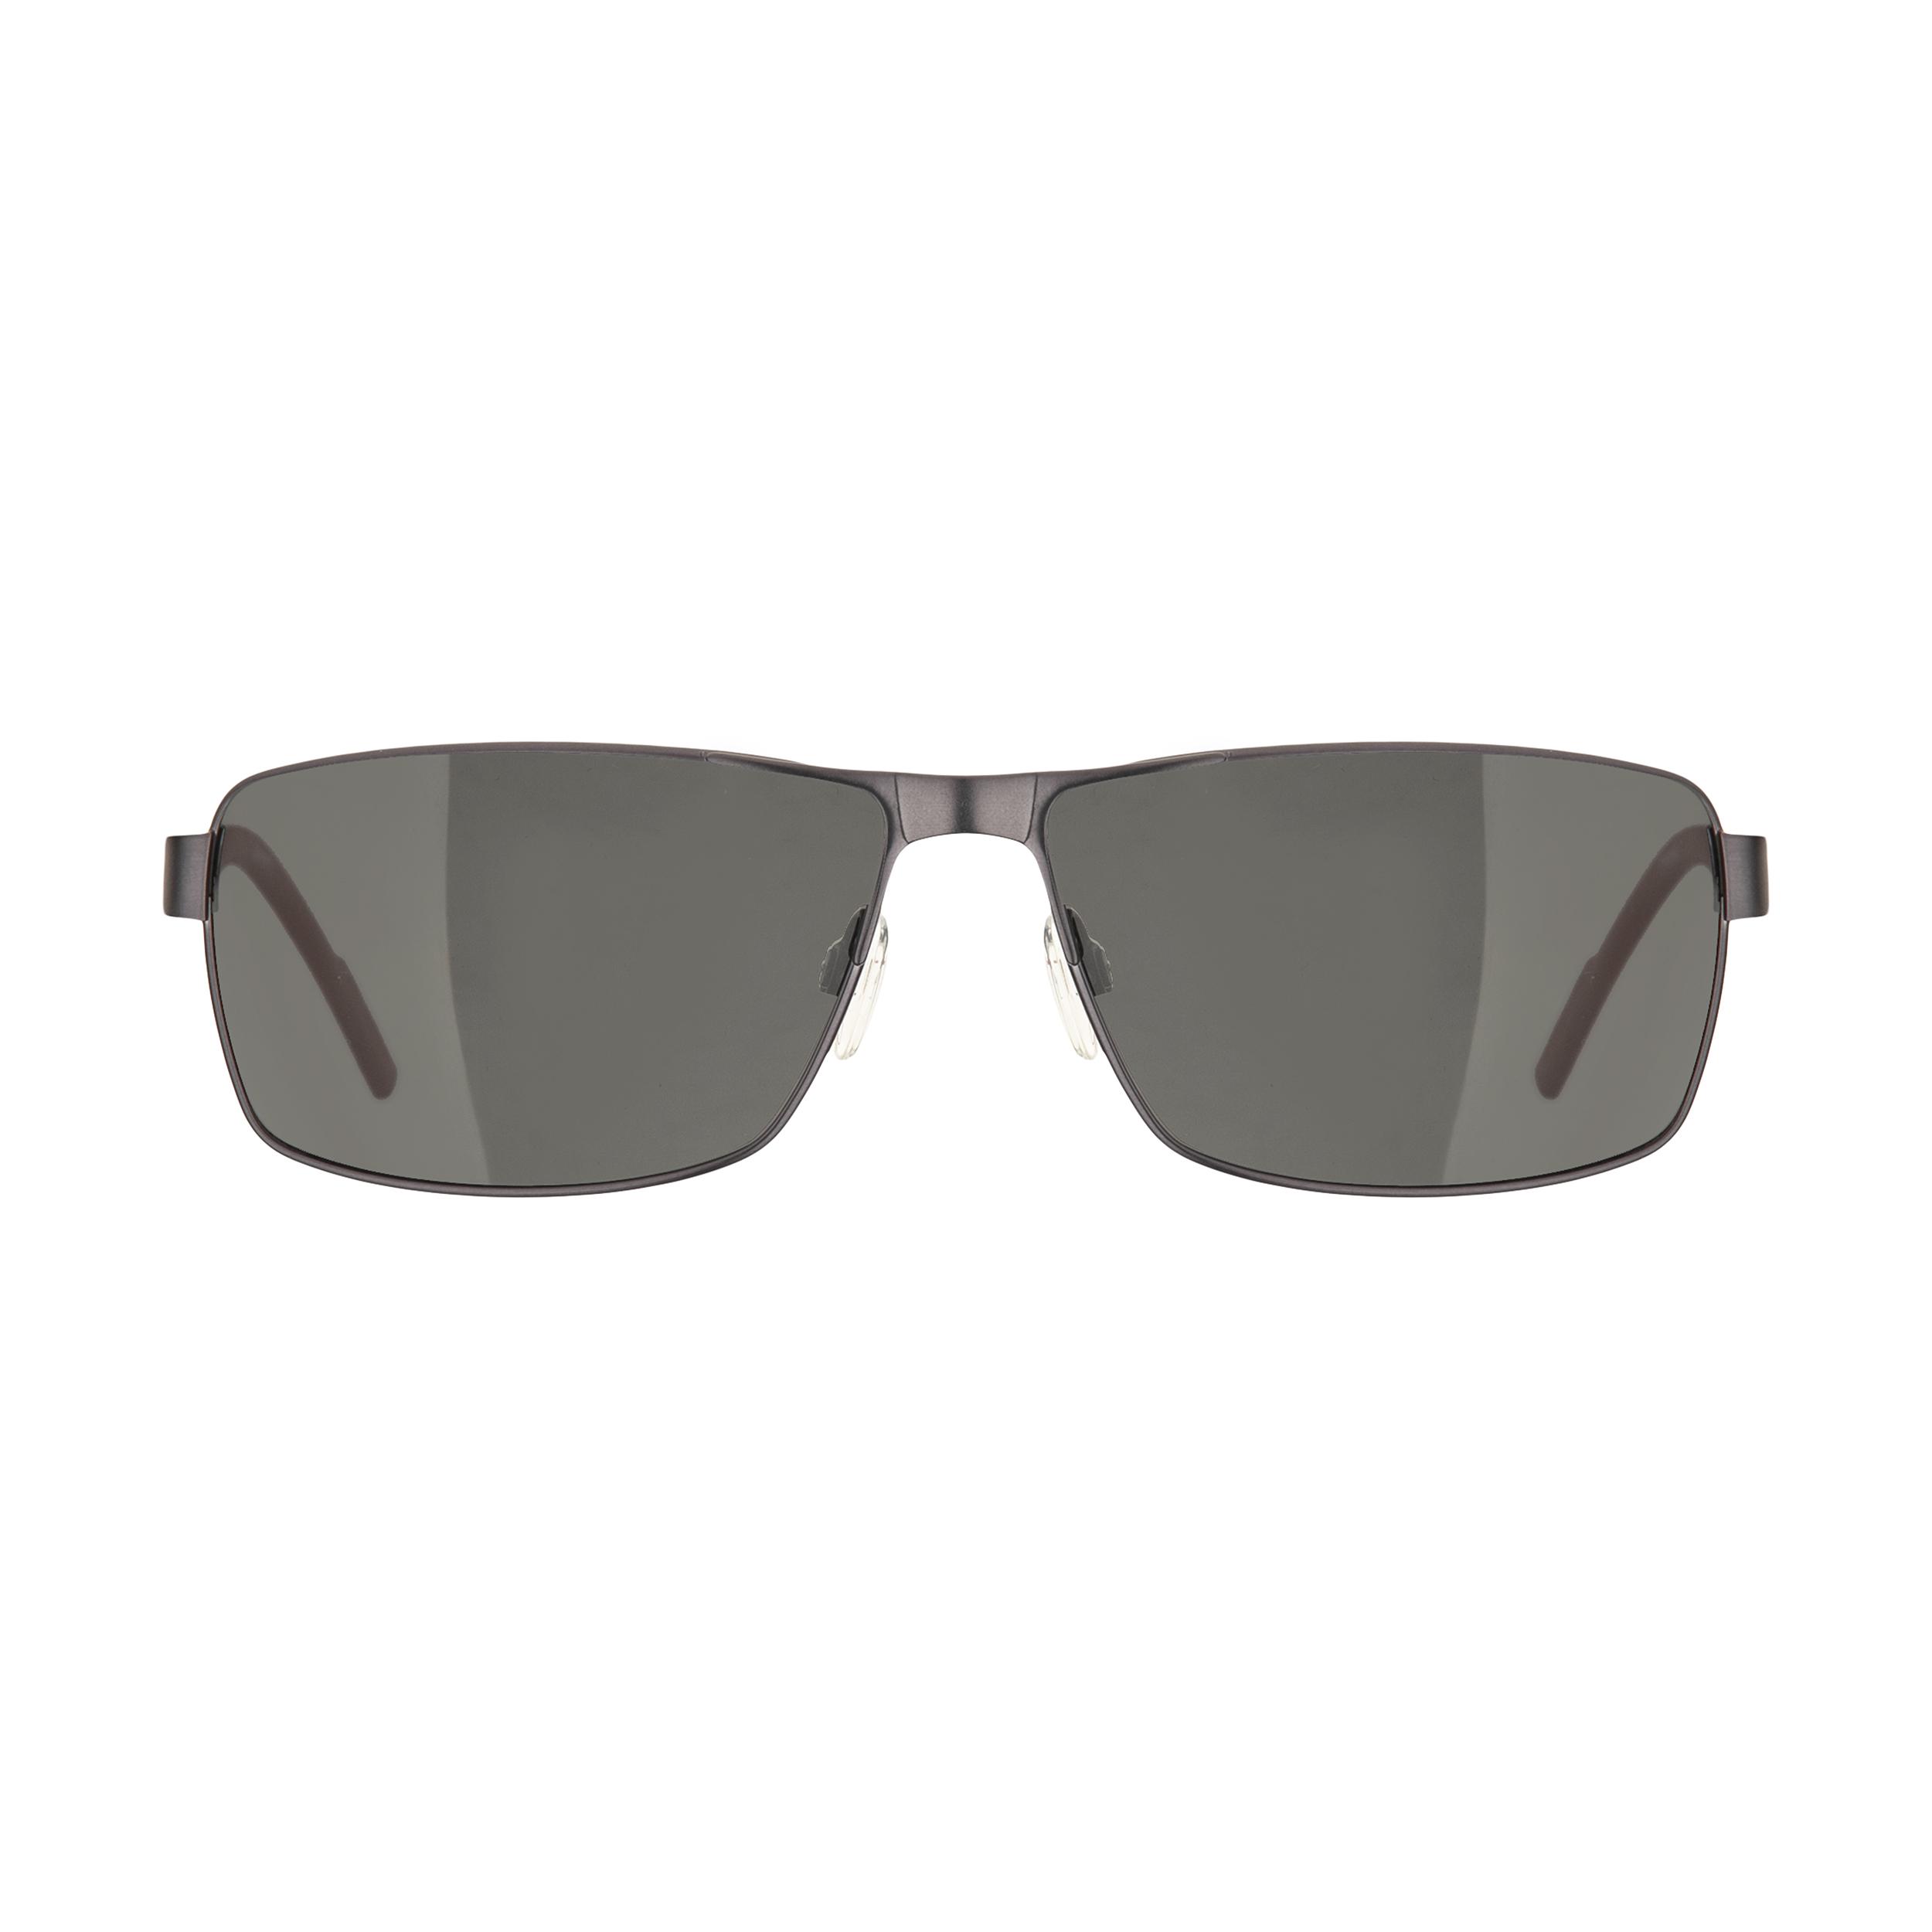 عینک آفتابی مردانه روی رابسون مدل 70023001